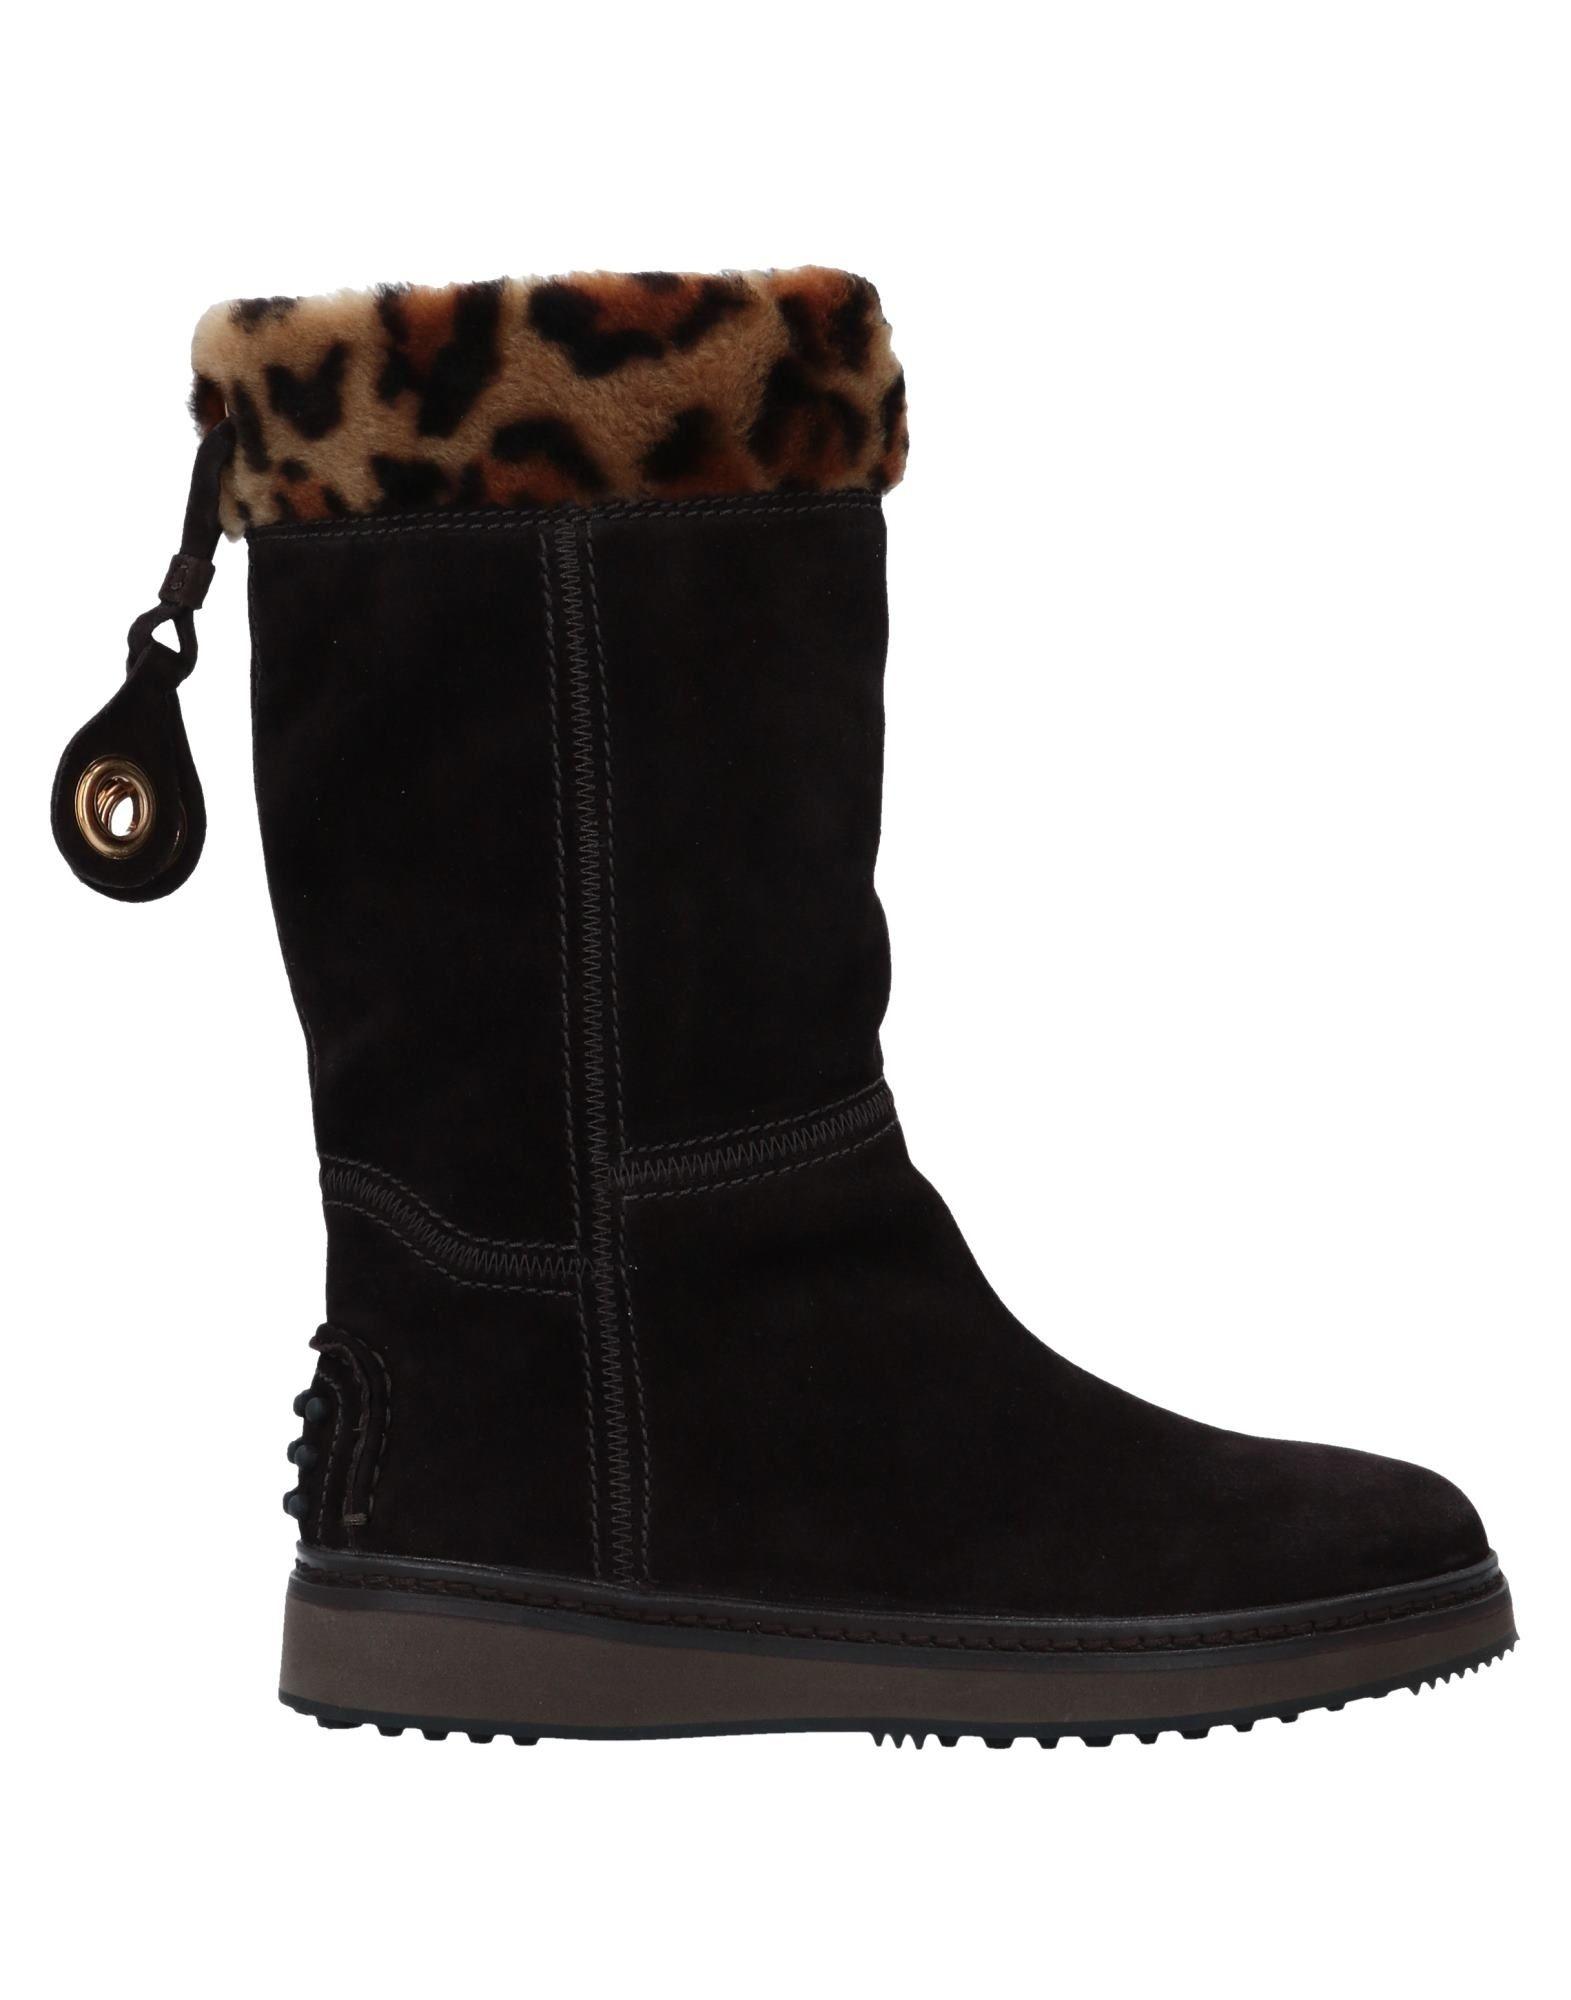 Carshoe Stiefel Damen  11520119HNGut aussehende strapazierfähige Schuhe